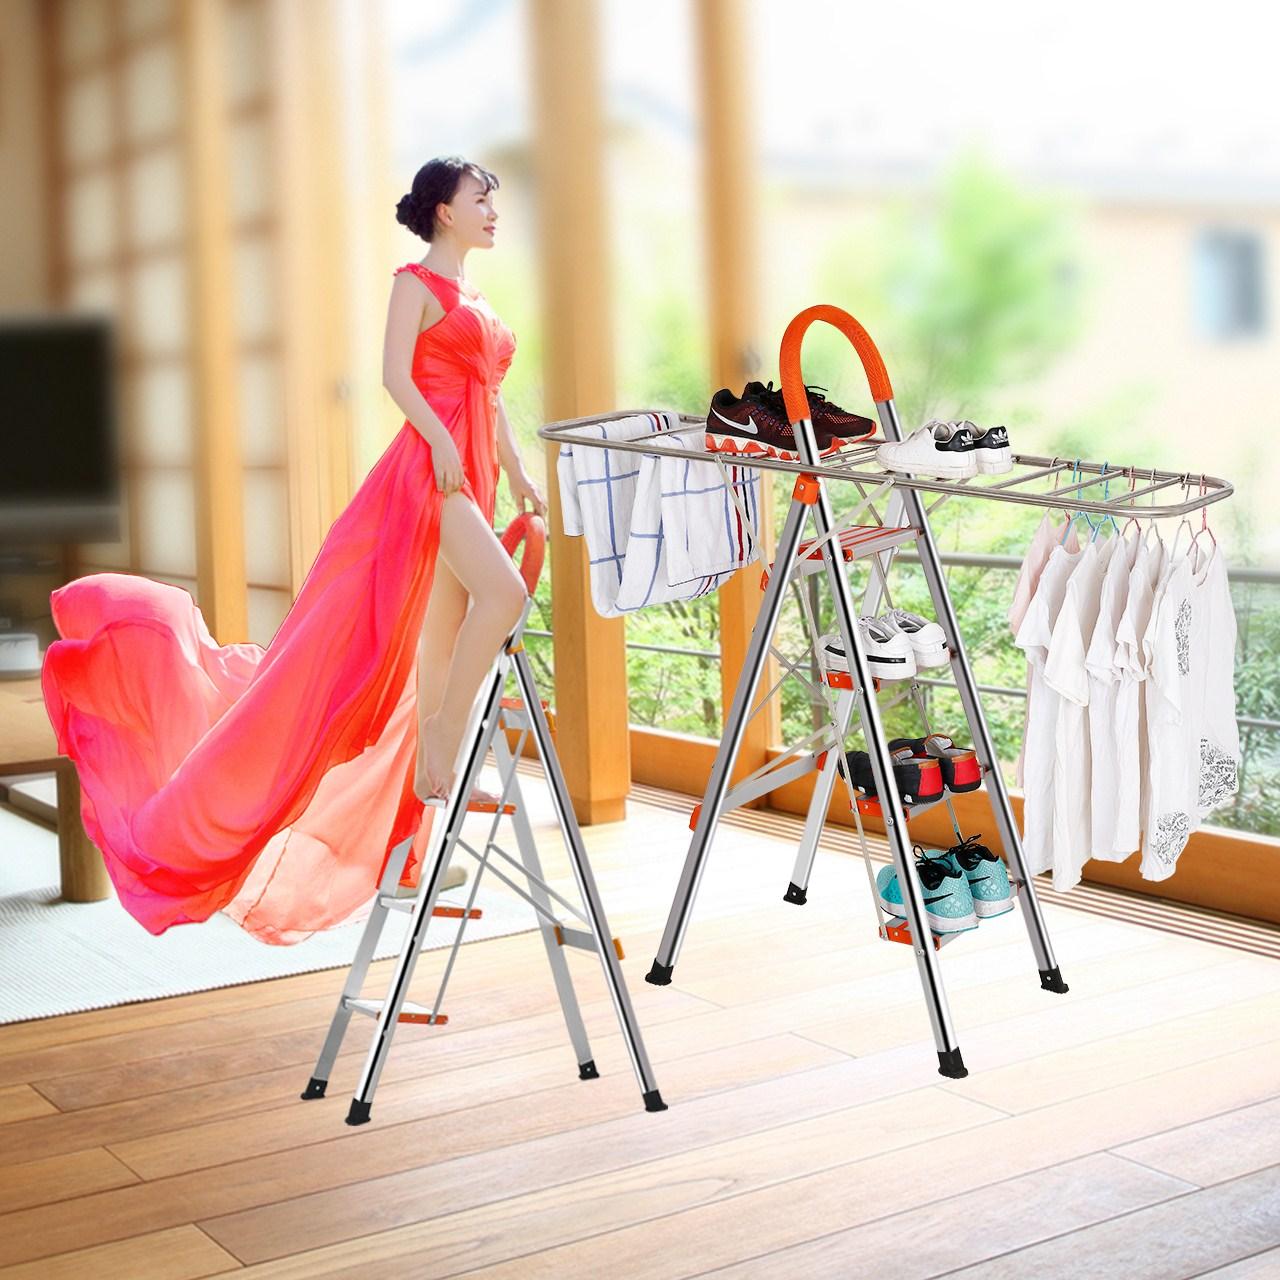 创步新款不锈钢衣架型多功能折叠梯人字梯家用梯楼梯梯子